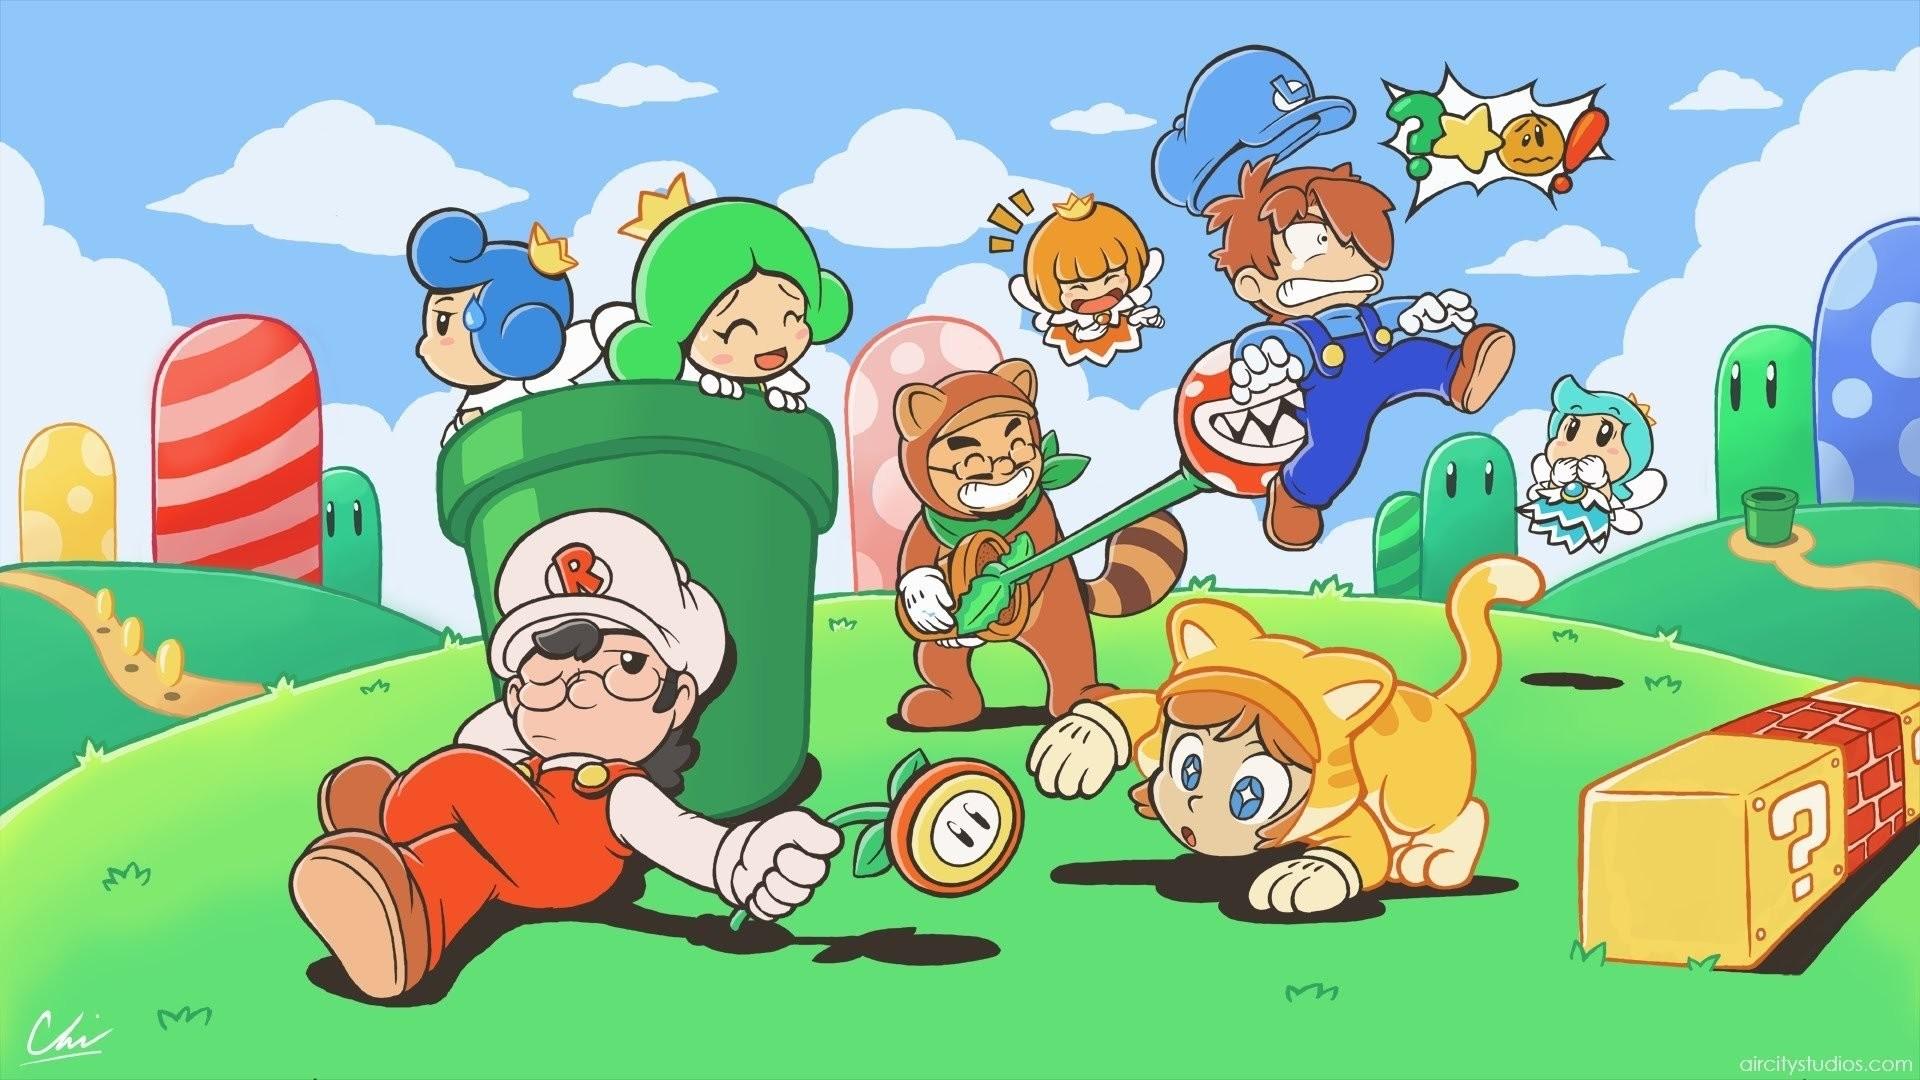 Super Mario Wallpapers Wallpaper · Desktop Backgrounds